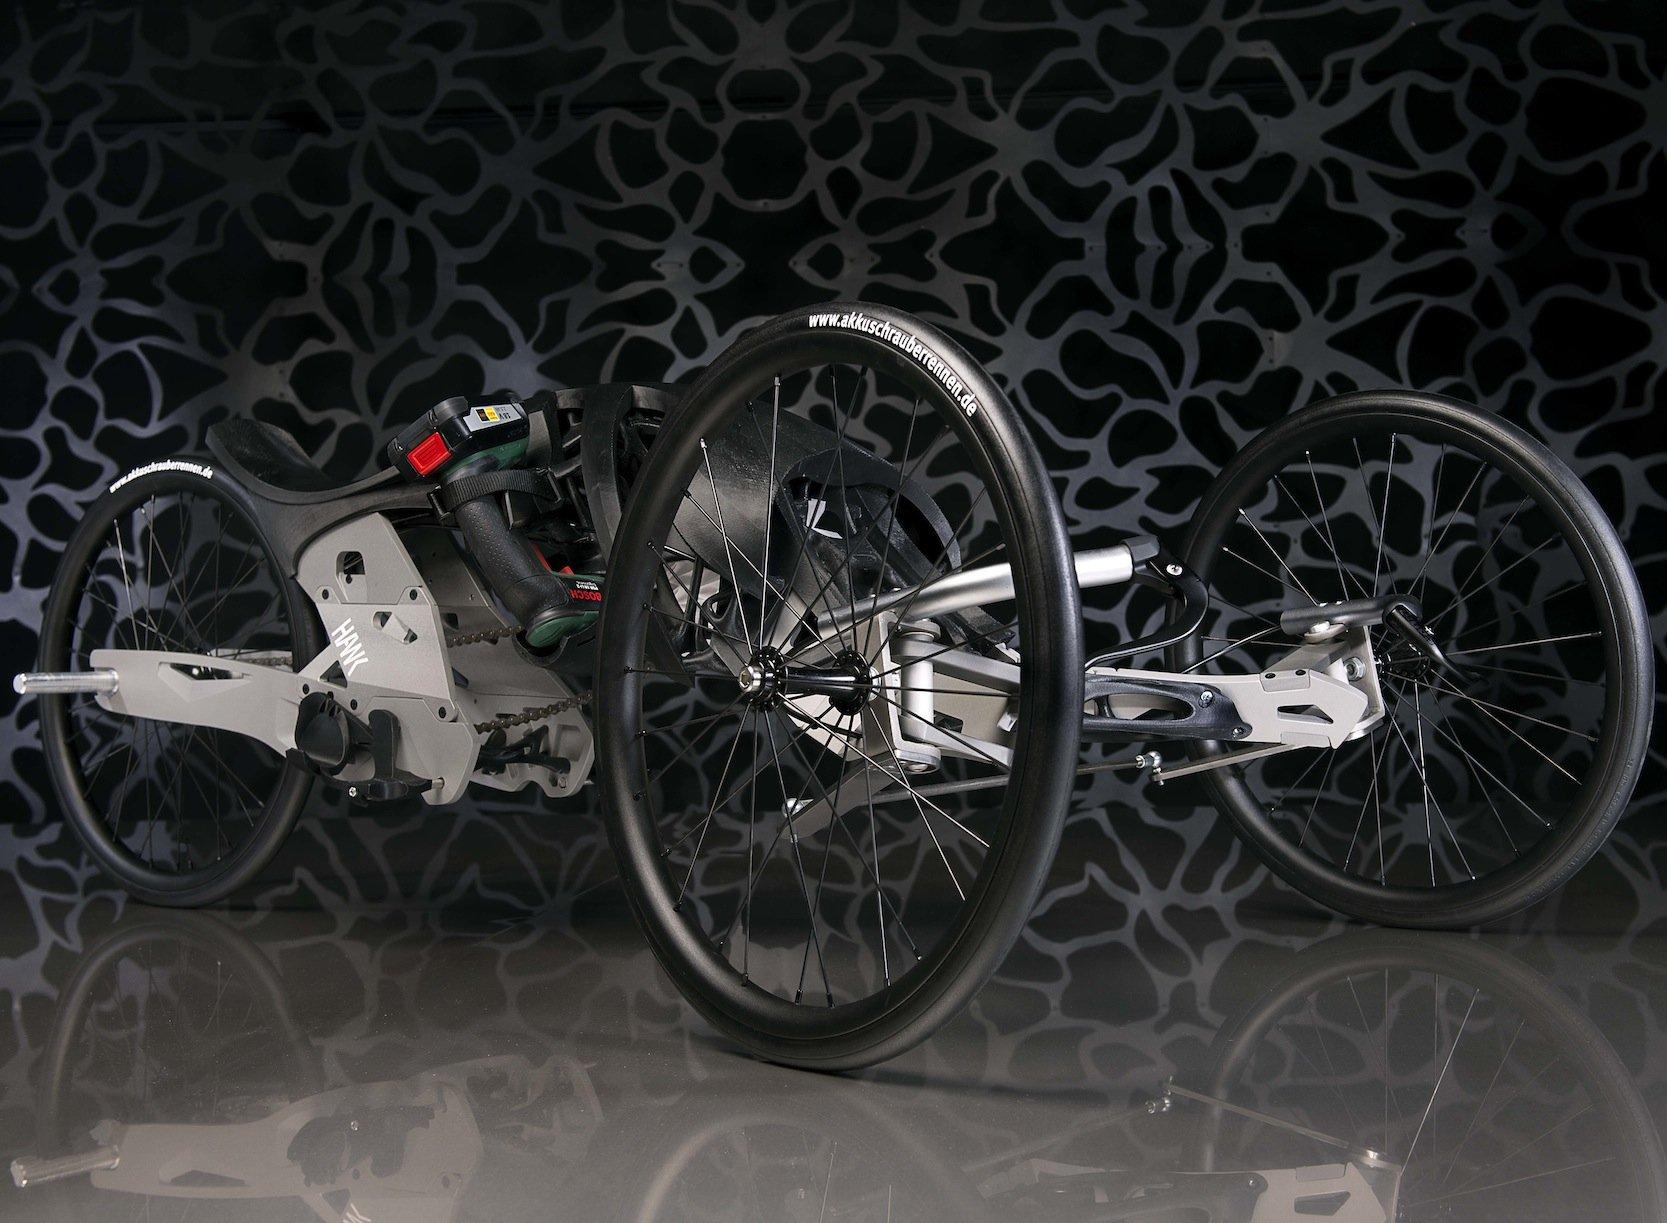 Das Rennfahrzeug derveranstaltenden Hochschule für angewandte Wissenschaft und Kunst: Deutlich zu erkennen ist der Akkuschrauber von Bosch, den alle Teams als Antrieb benutzen mussten.